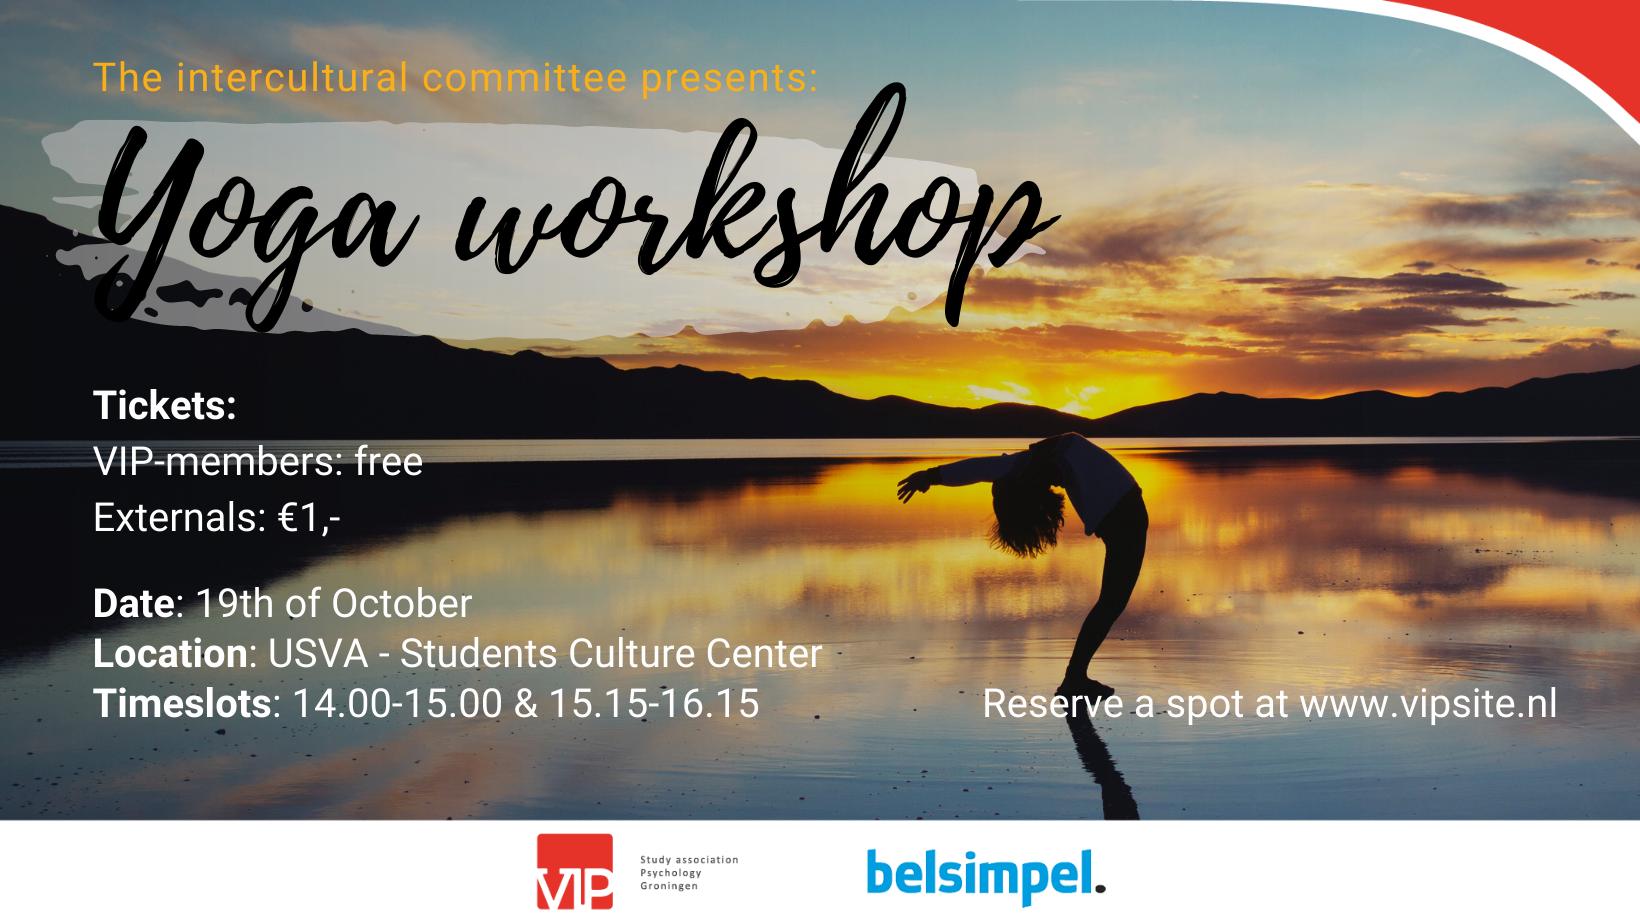 VIP: Intercultural - Yoga Workshop